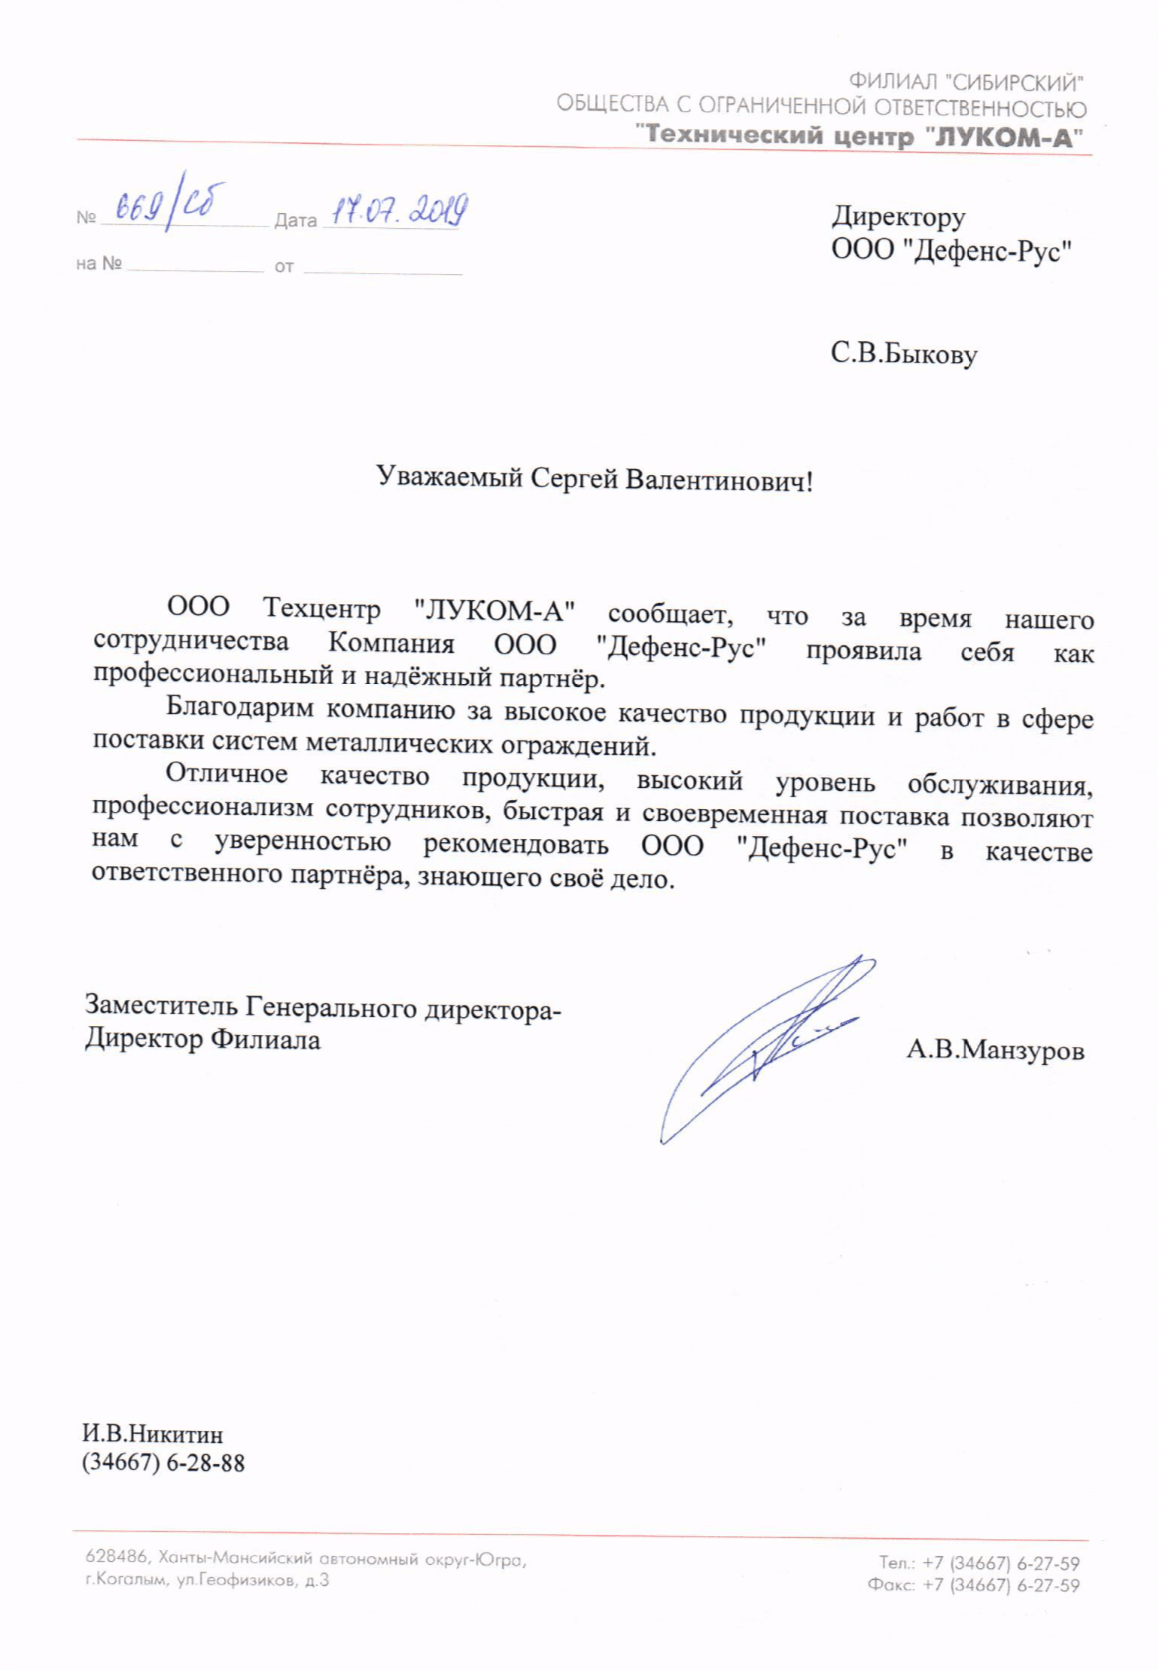 Отзыв о работе ООО ДЕФЕНС-РУС от ООО Луком-А